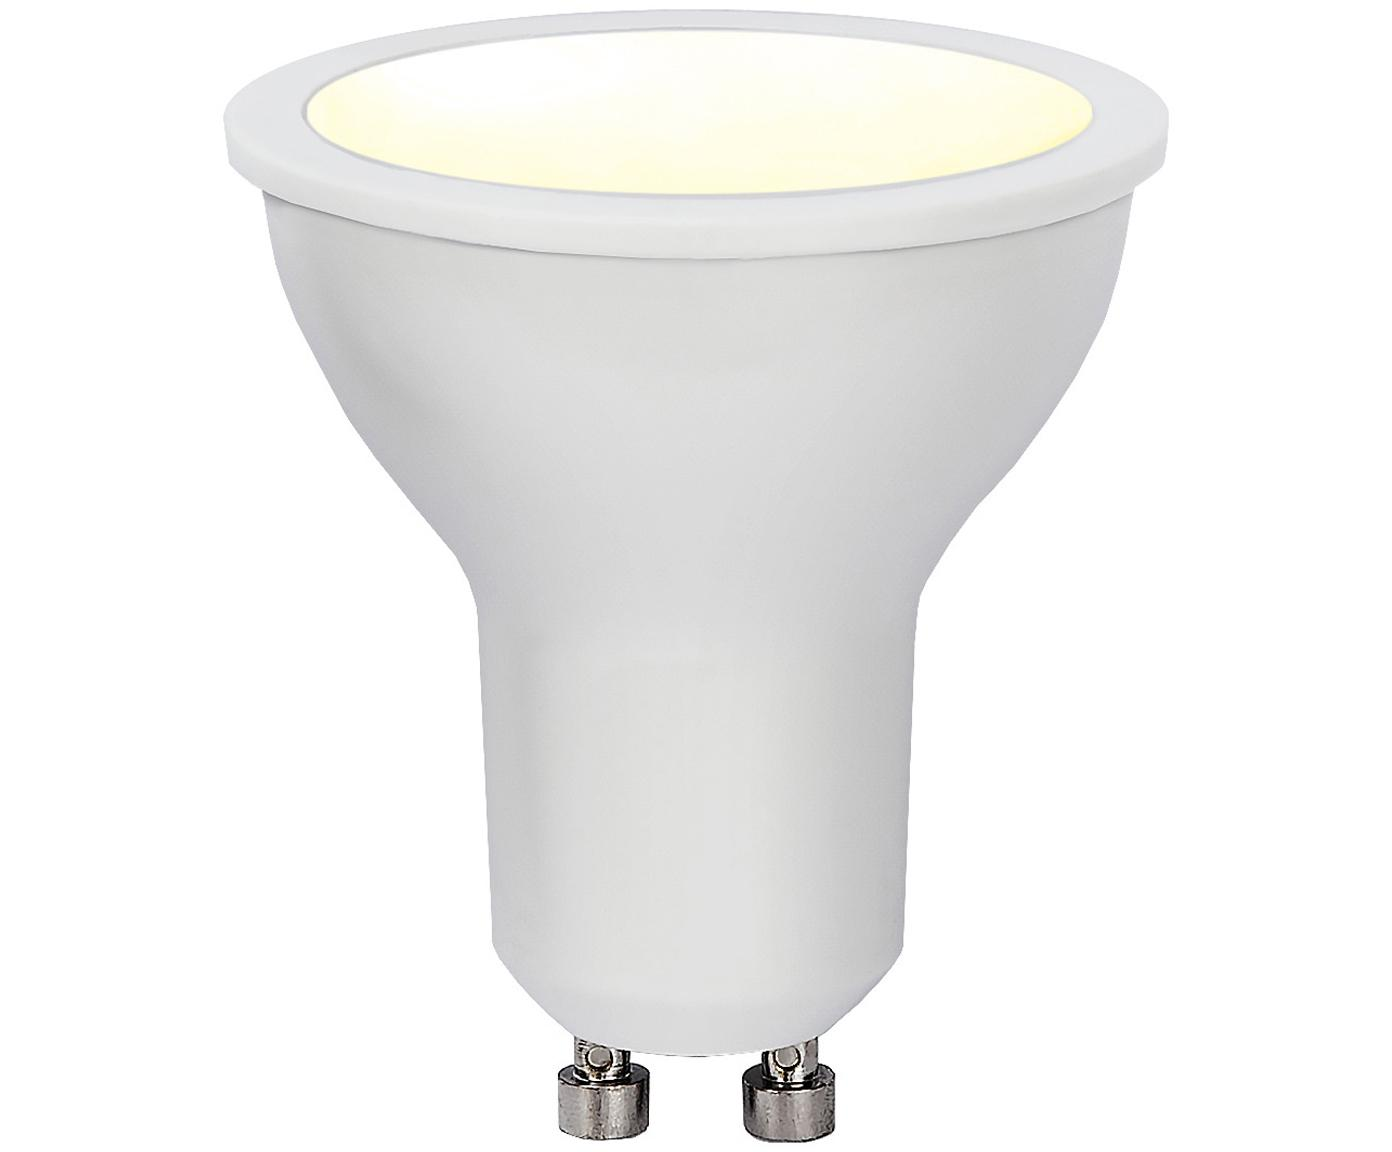 Bombilla LED regulable Dim To Warm (GU10/5,5W), Ampolla: plástico, Casquillo: aluminio, Blanco, Ø 5 x Al 6 cm